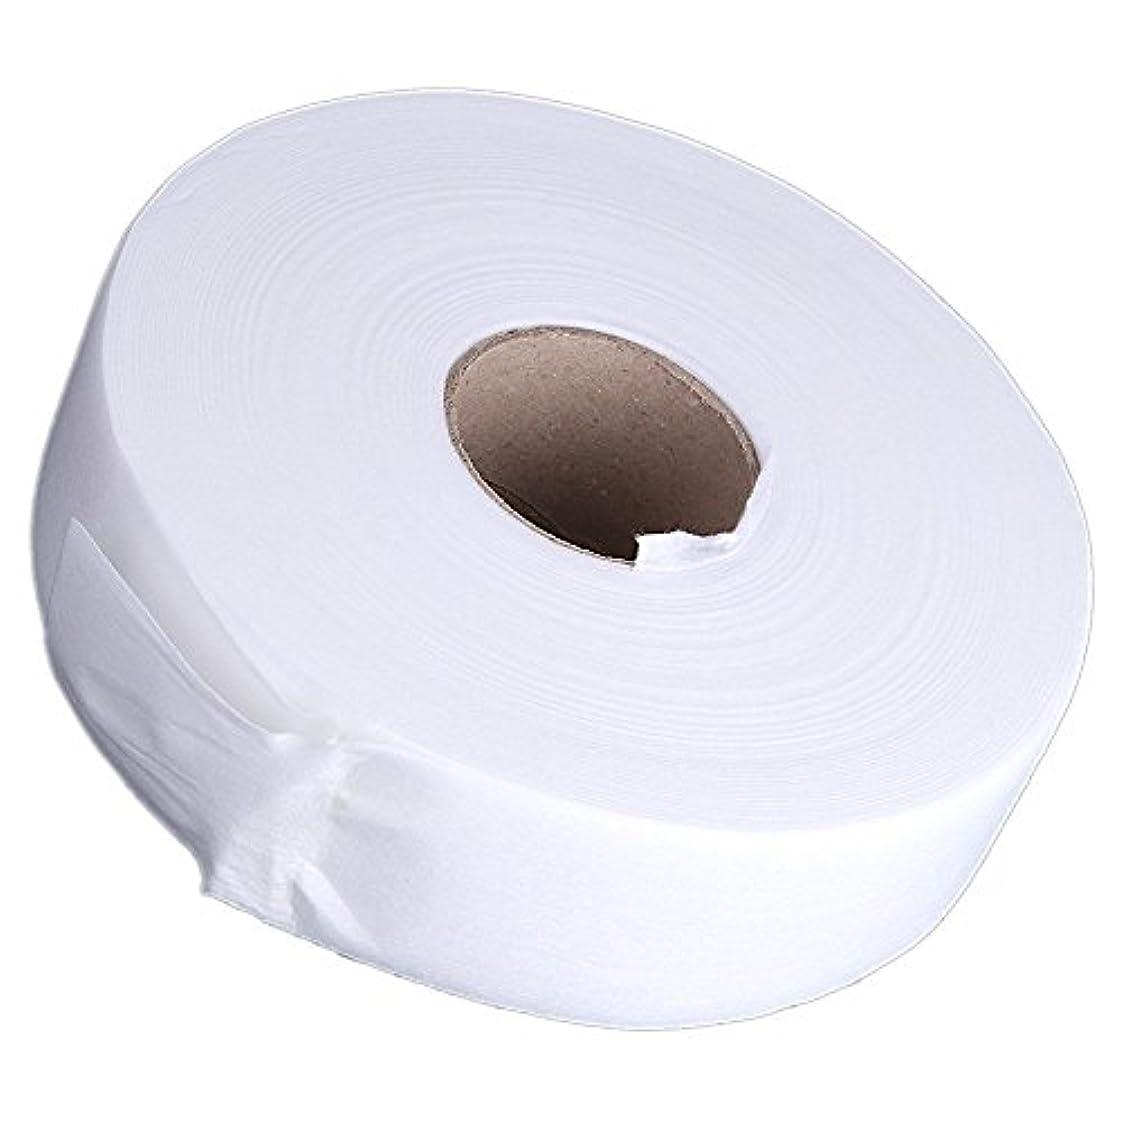 マウスアクロバット重荷Vaorwne 100ヤードの脱毛紙脱毛ワックスストリップ 不織布ペーパーワックスロール(白)